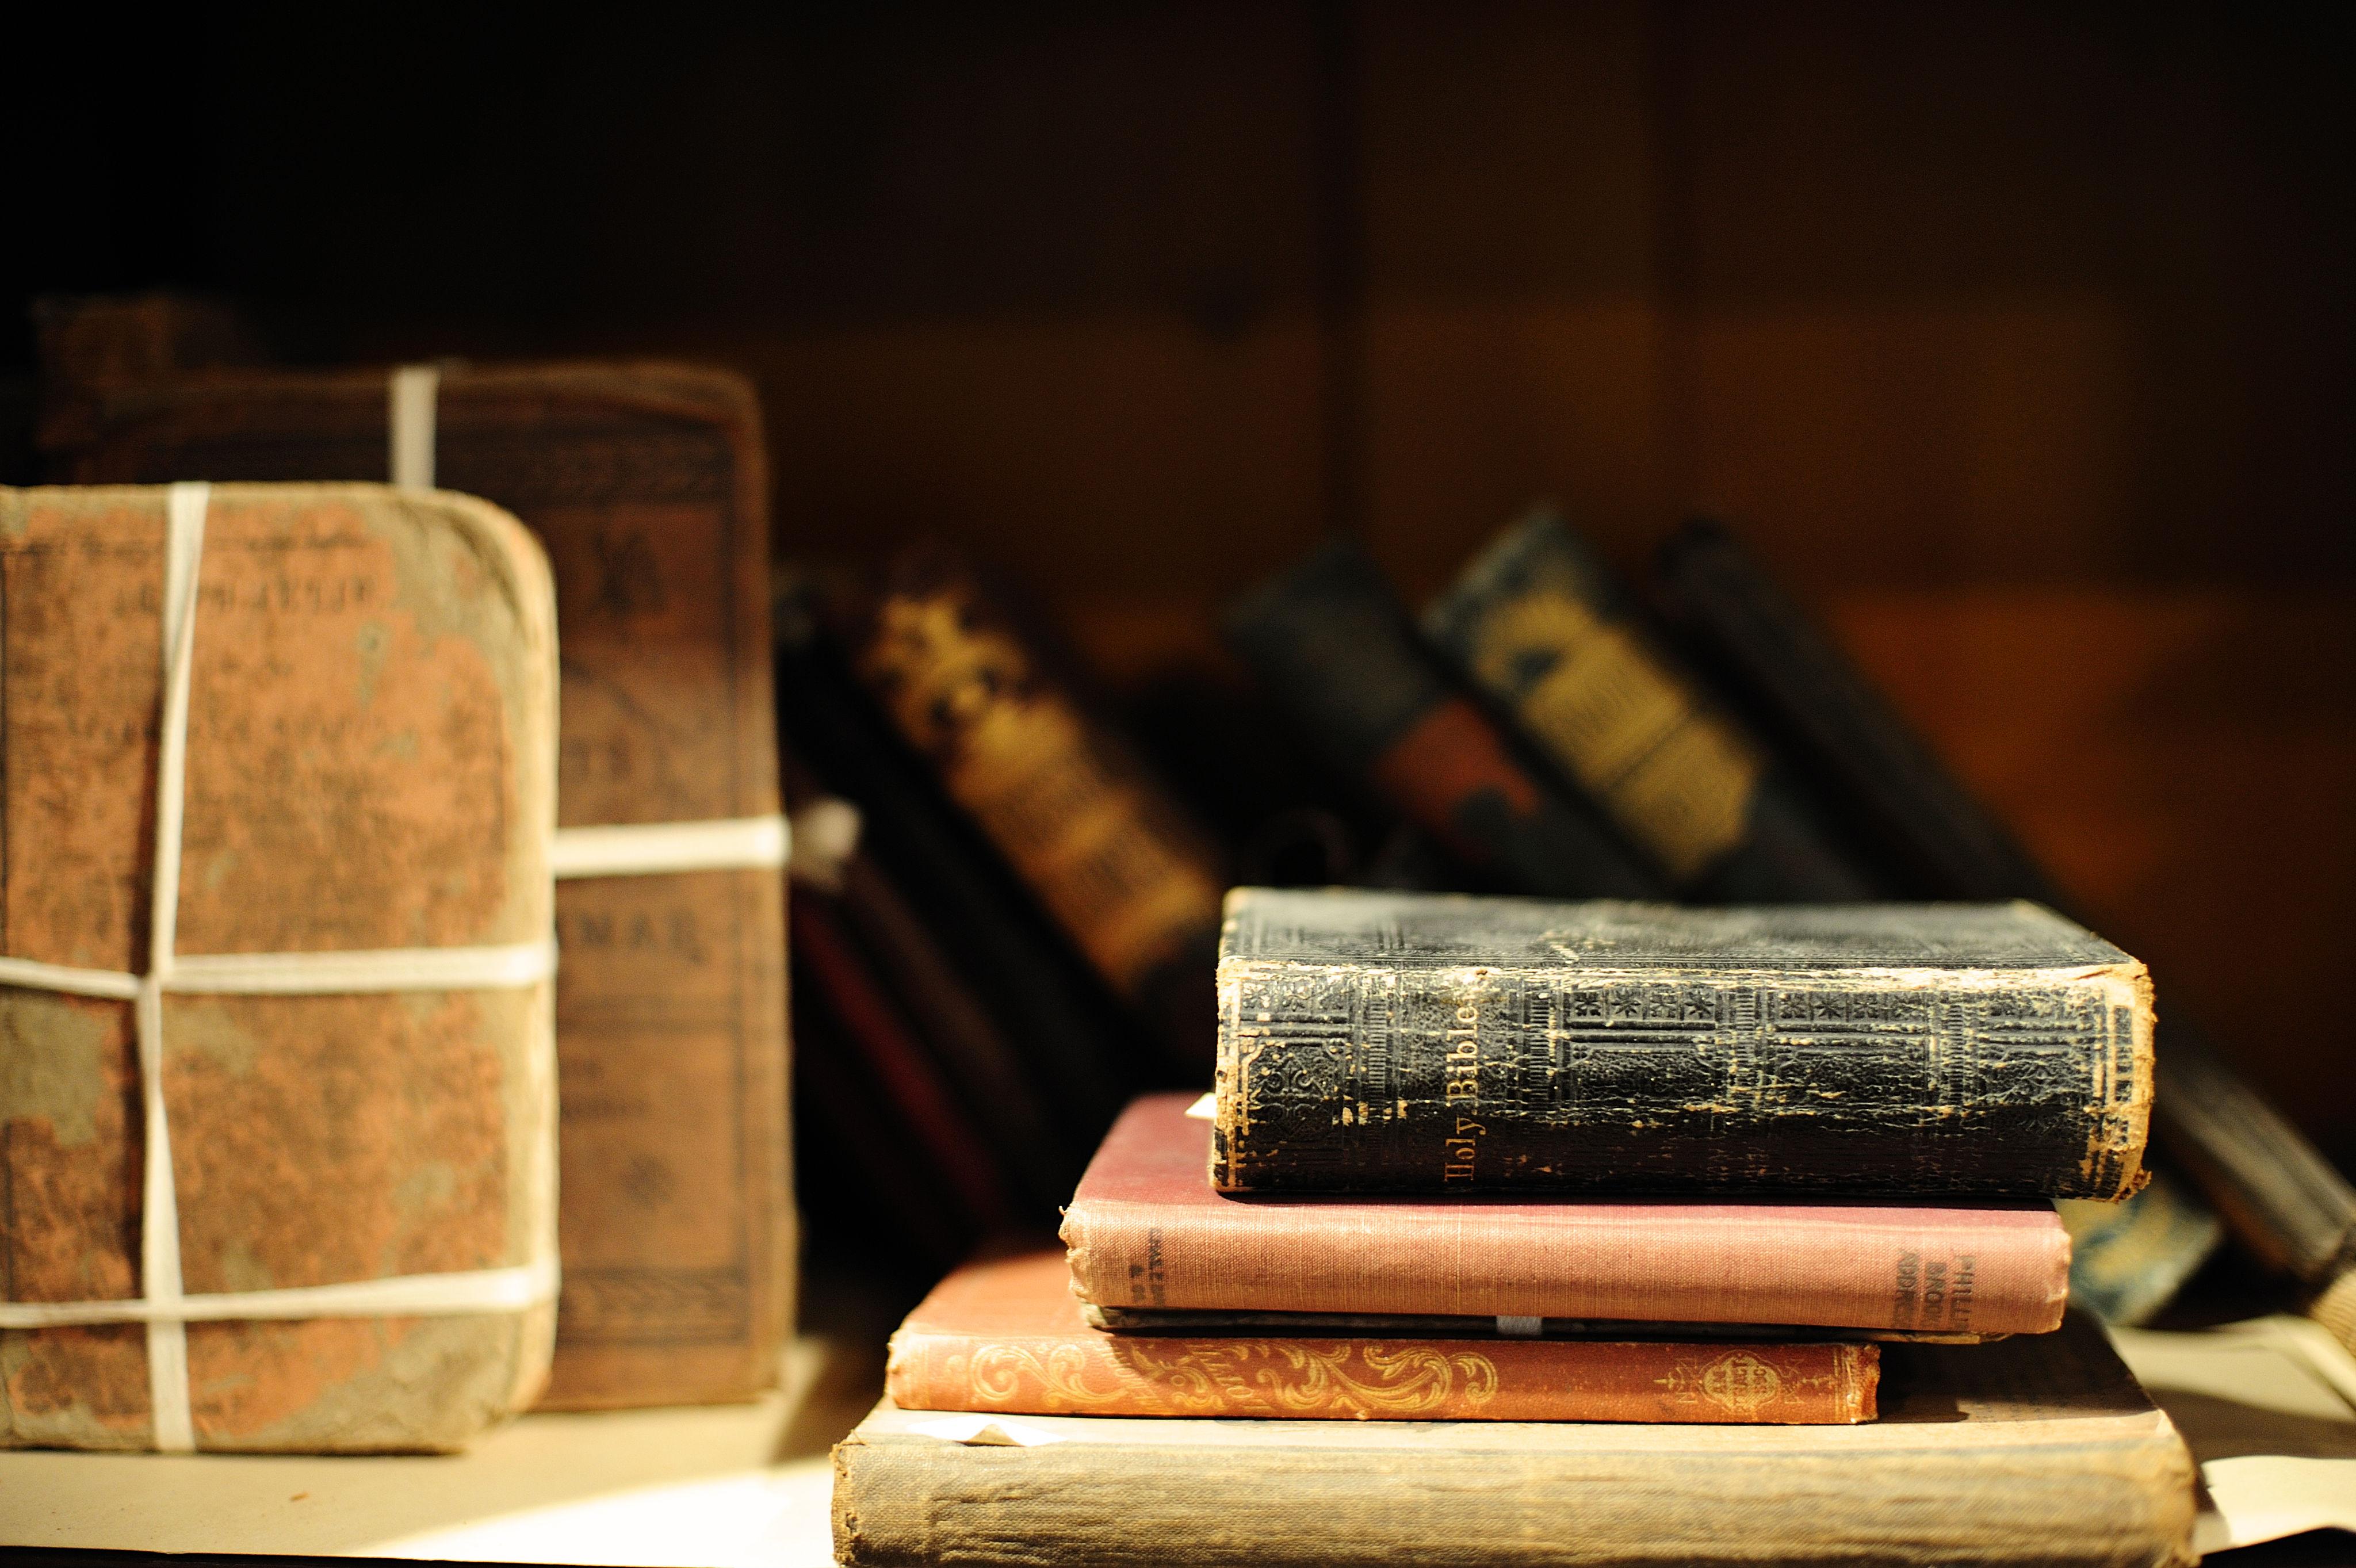 qual o livro mais antigo da bíblia